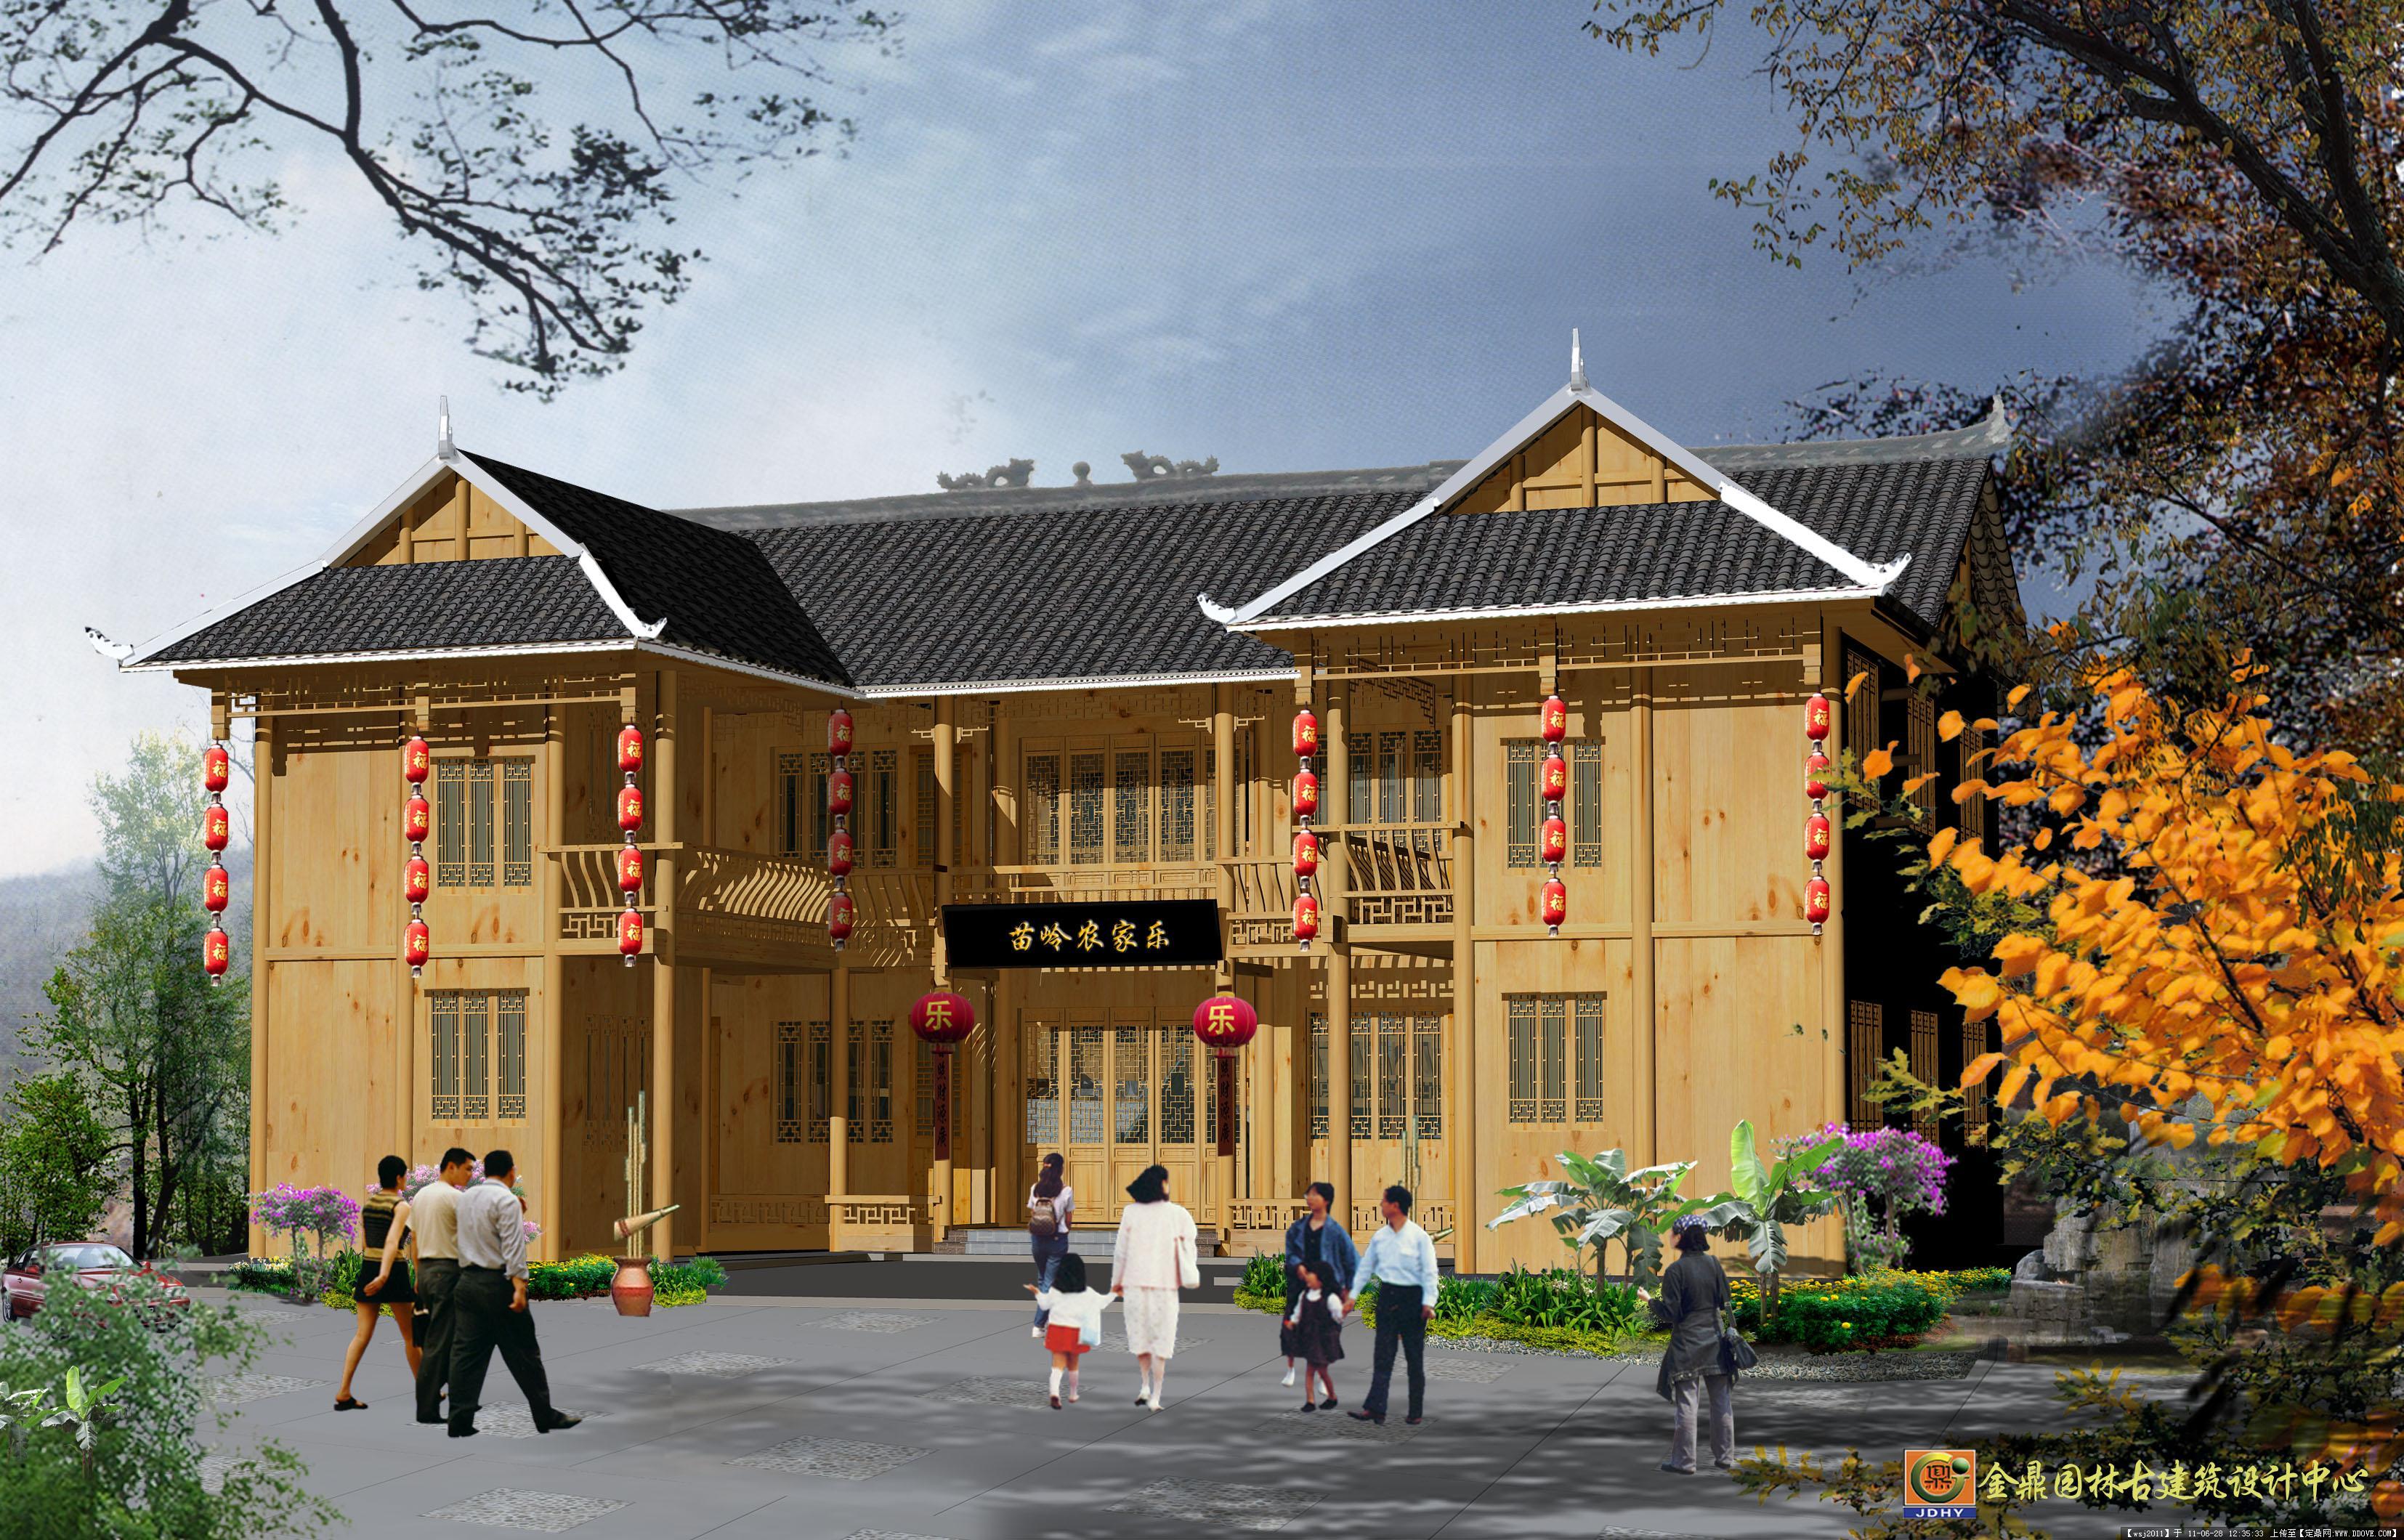 第张:苗家楼-农家乐2.jpg  景观规划设计及效果图制作,别墅庭